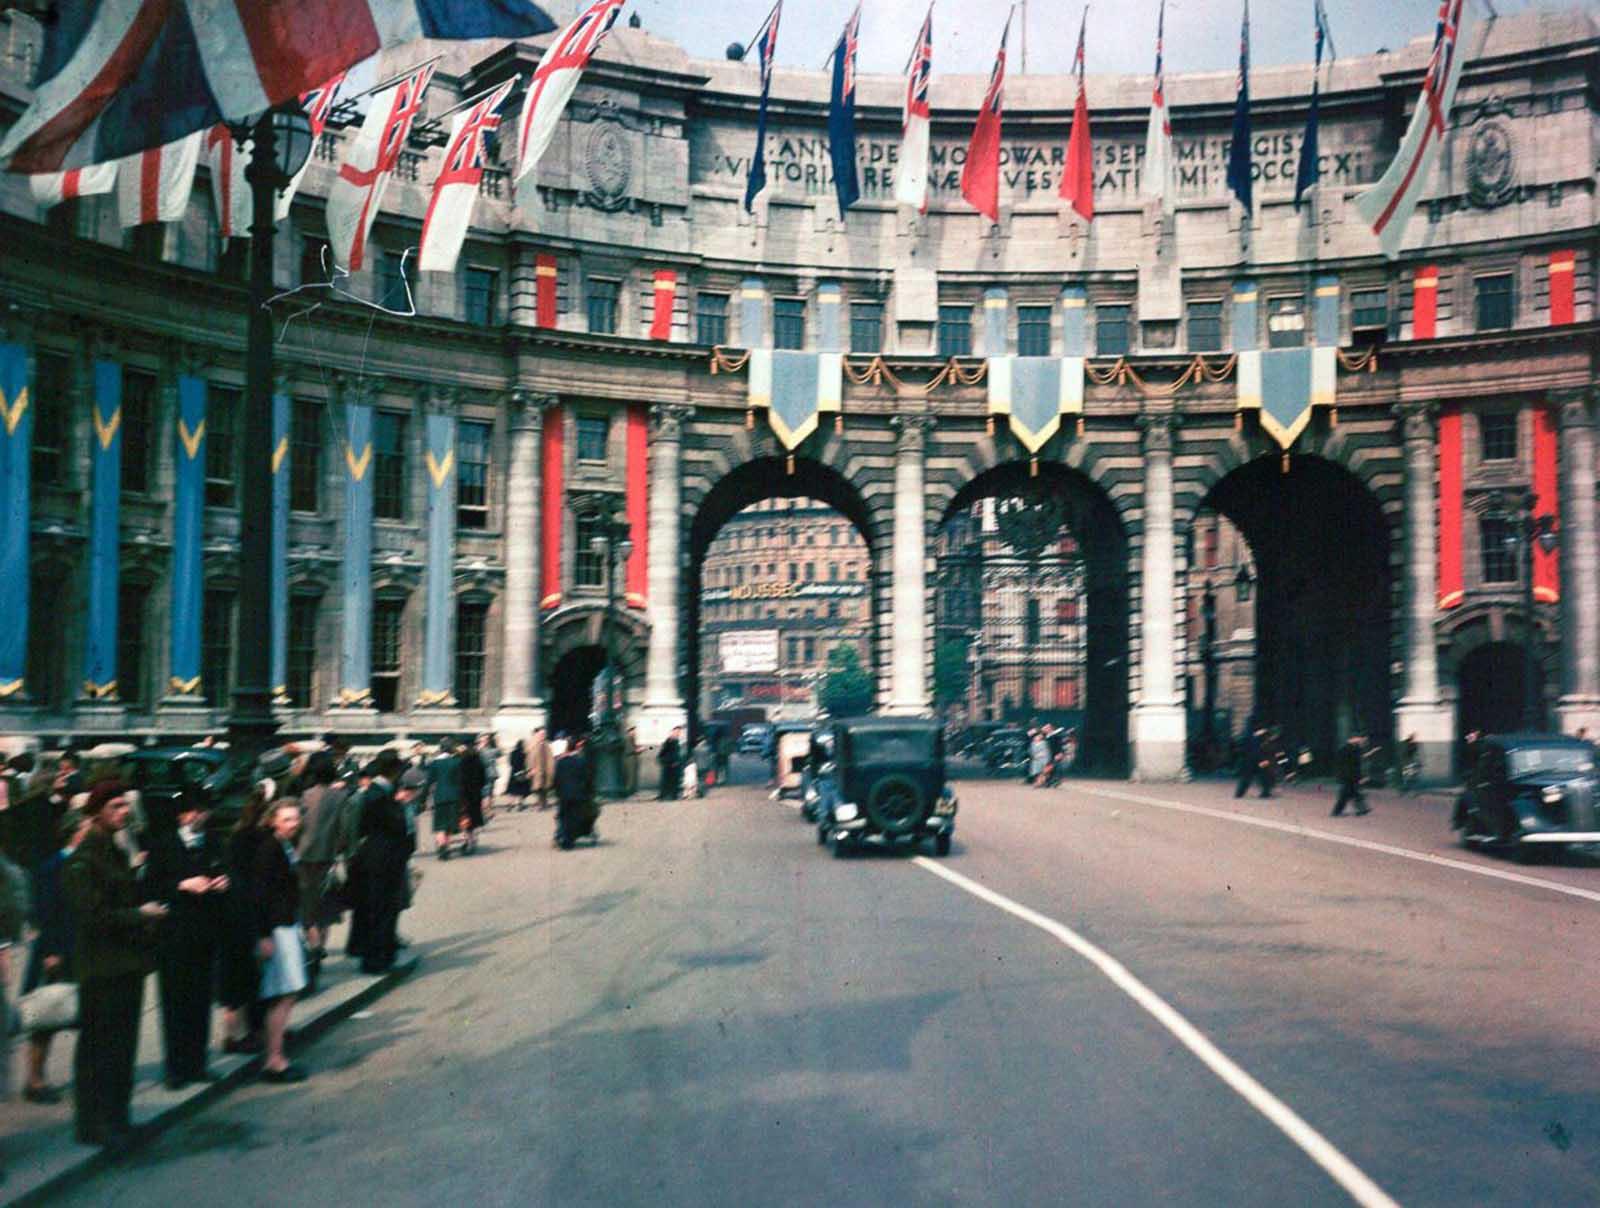 El Arco del Almirantazgo está decorado con banderas aliadas en celebración del Día de los VE. 3 de septiembre de 1945.